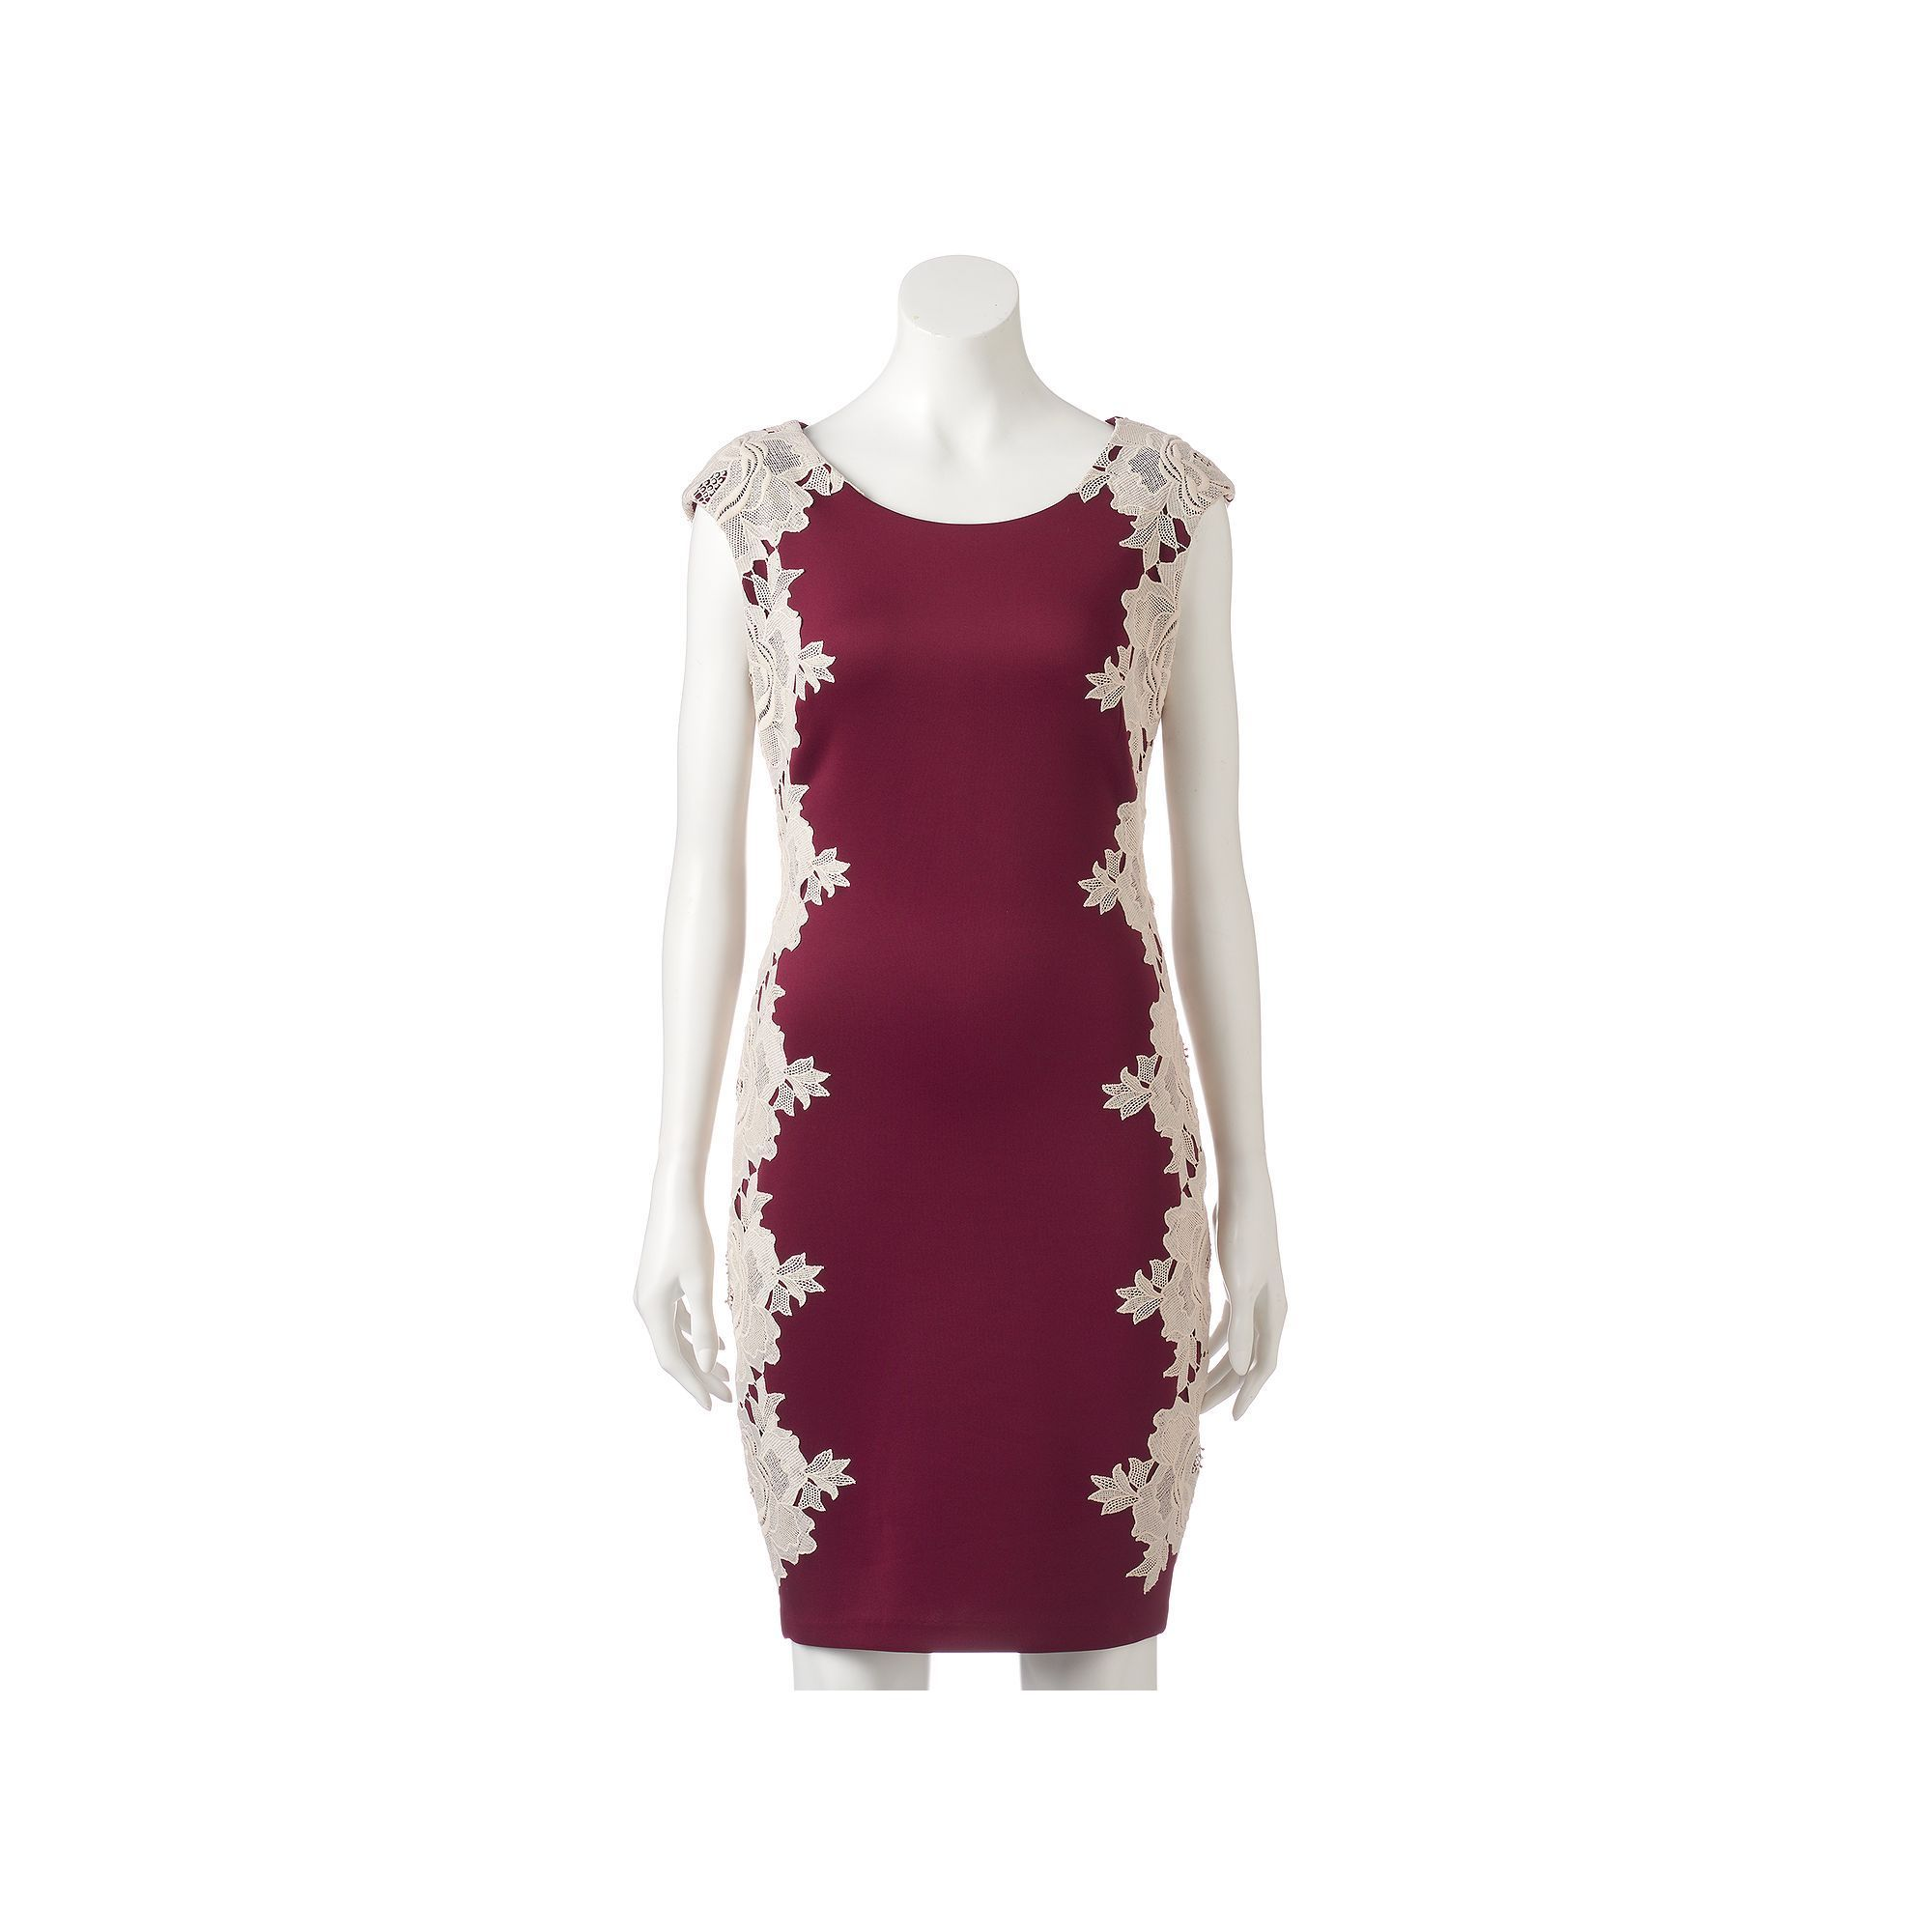 b5c61335 Women's Jax Floral Lace Sheath Dress, Size: 10, Dark Red   Products ...